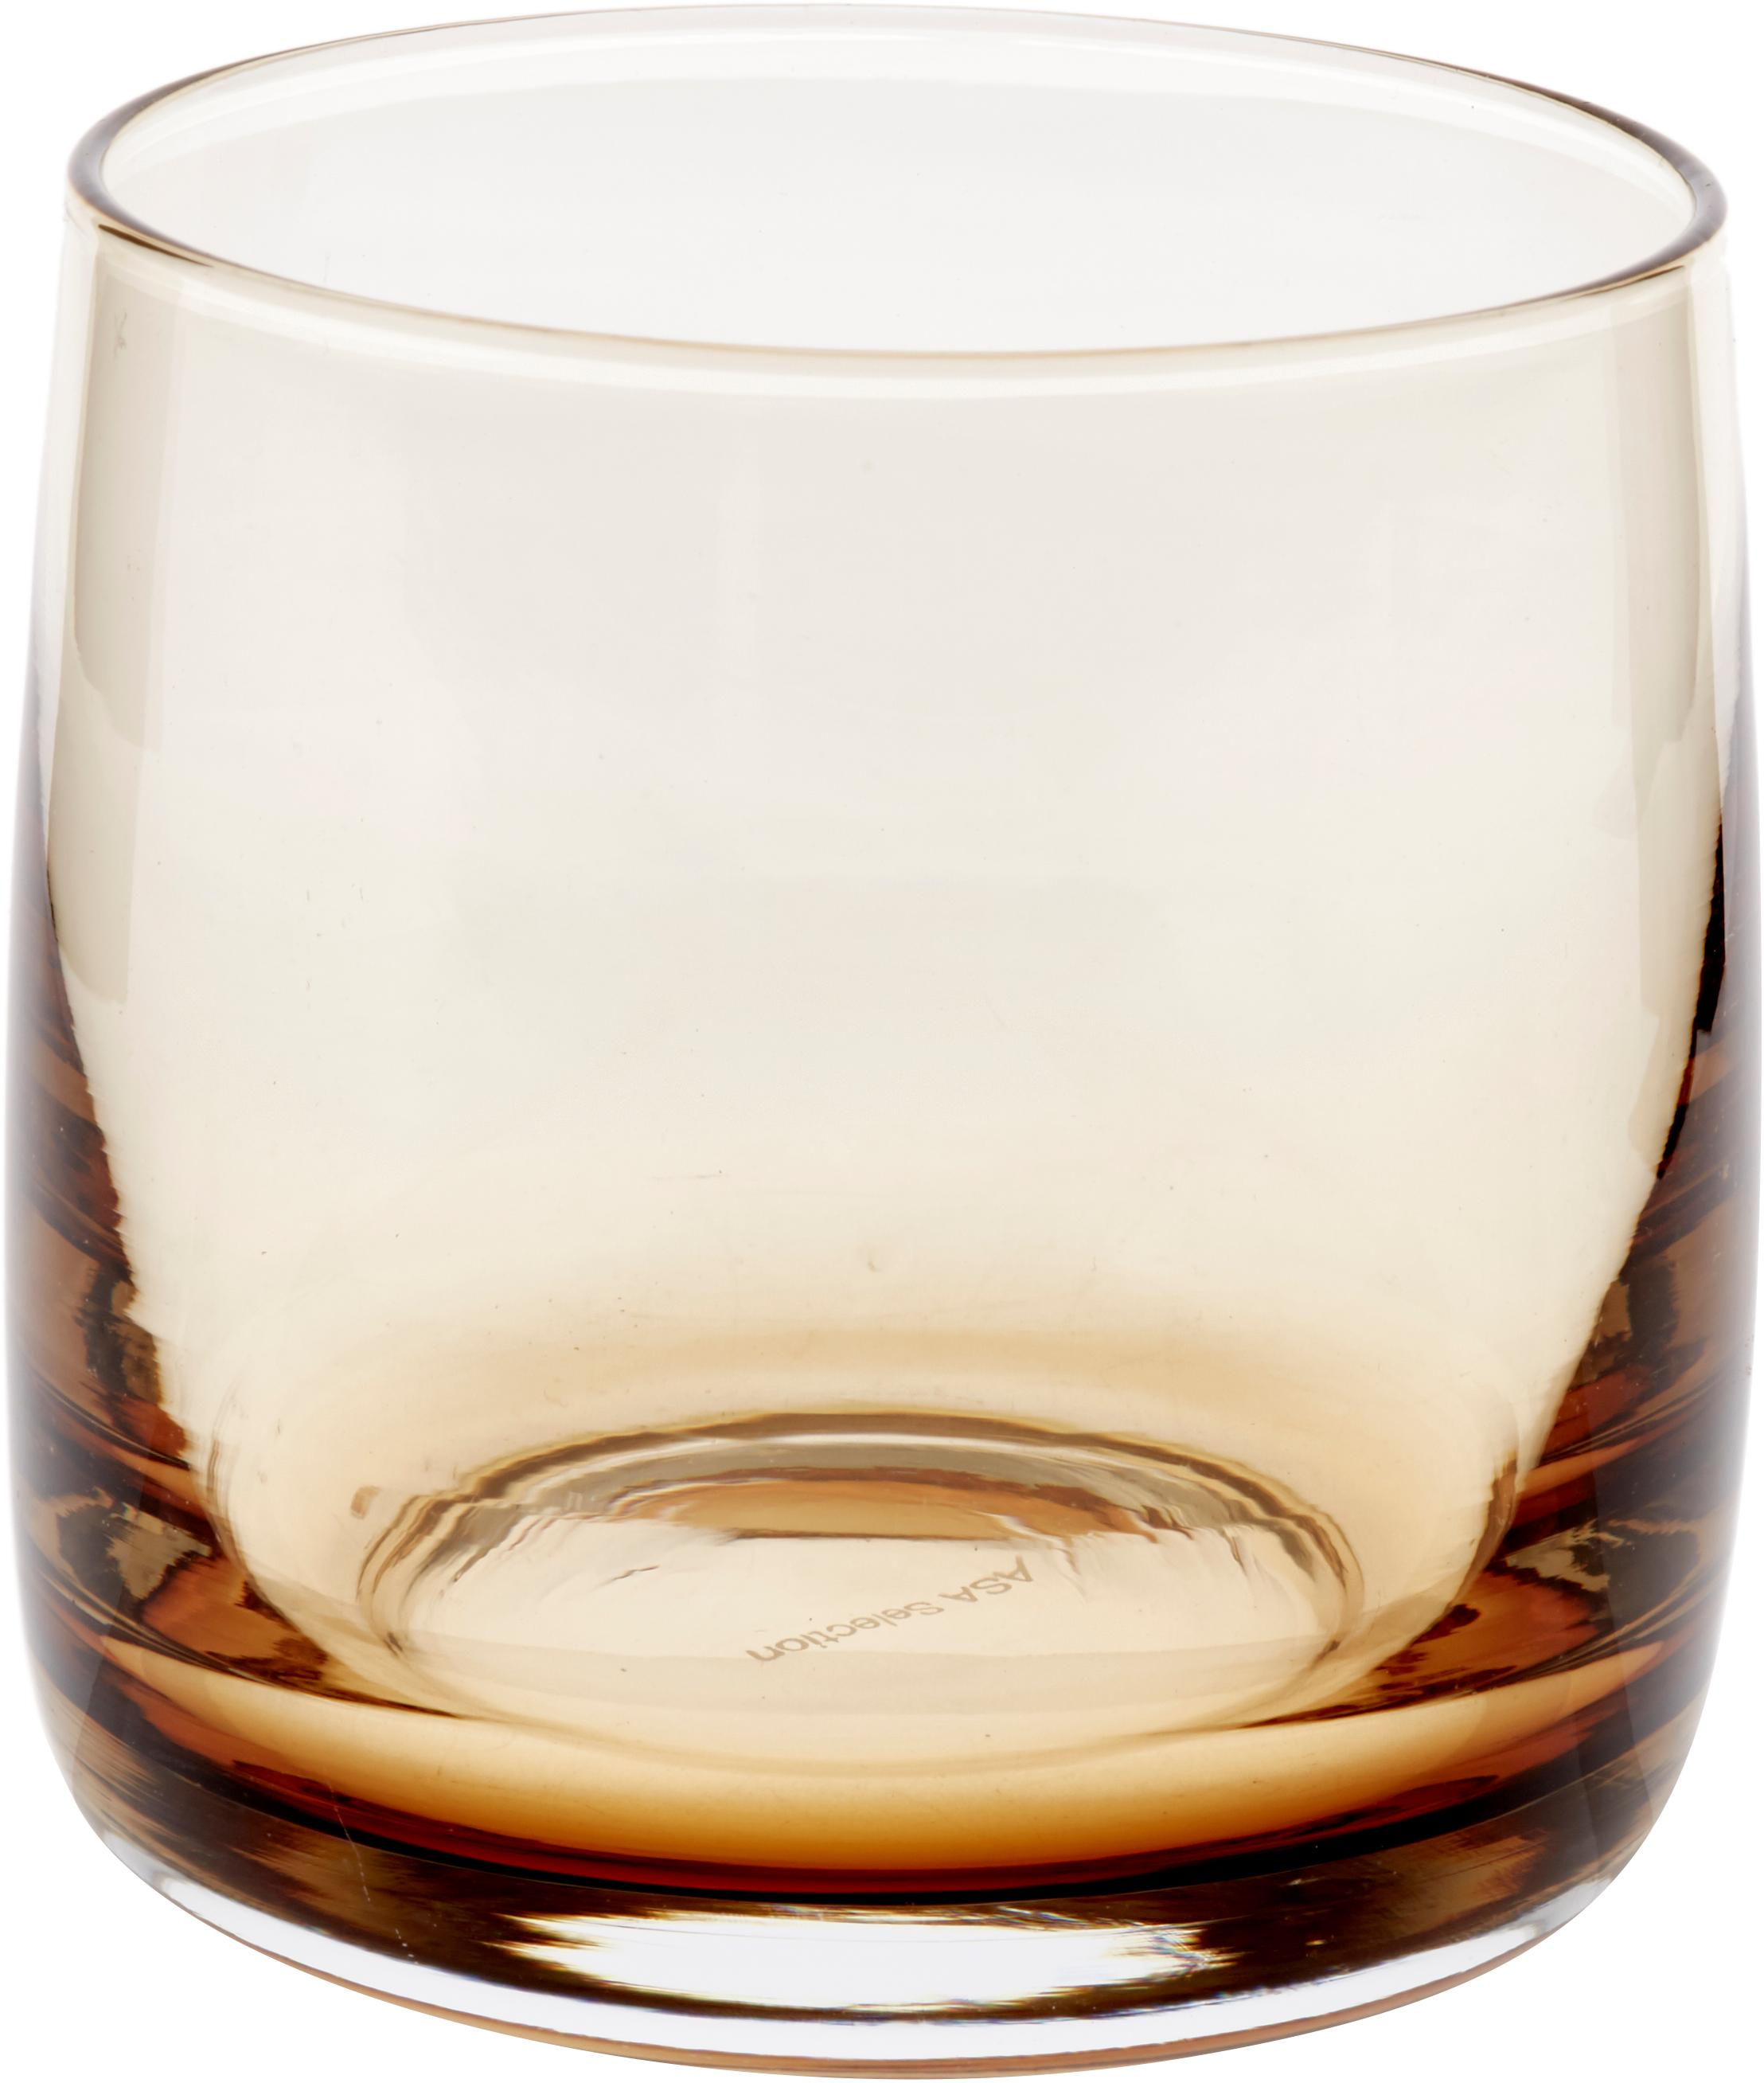 Bicchiere acqua Colored 6 pz, Vetro, Ambrato trasparente, Ø 8 x Alt. 8 cm